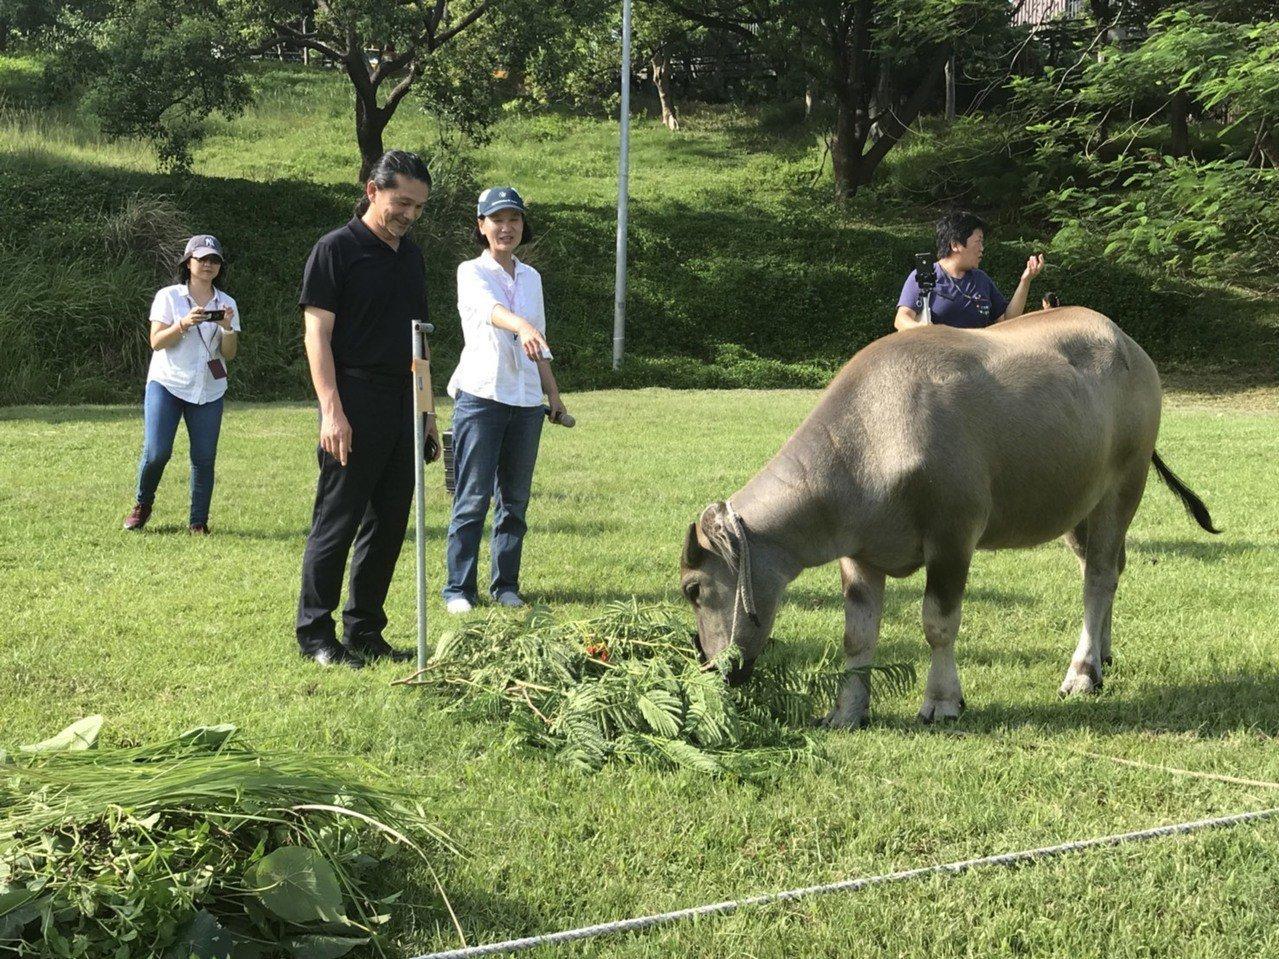 台北藝術大學繼去年迎接新校牛「奧米加咆哮獸」和牠帶來的新生小牛後,今年在小公牛滿...